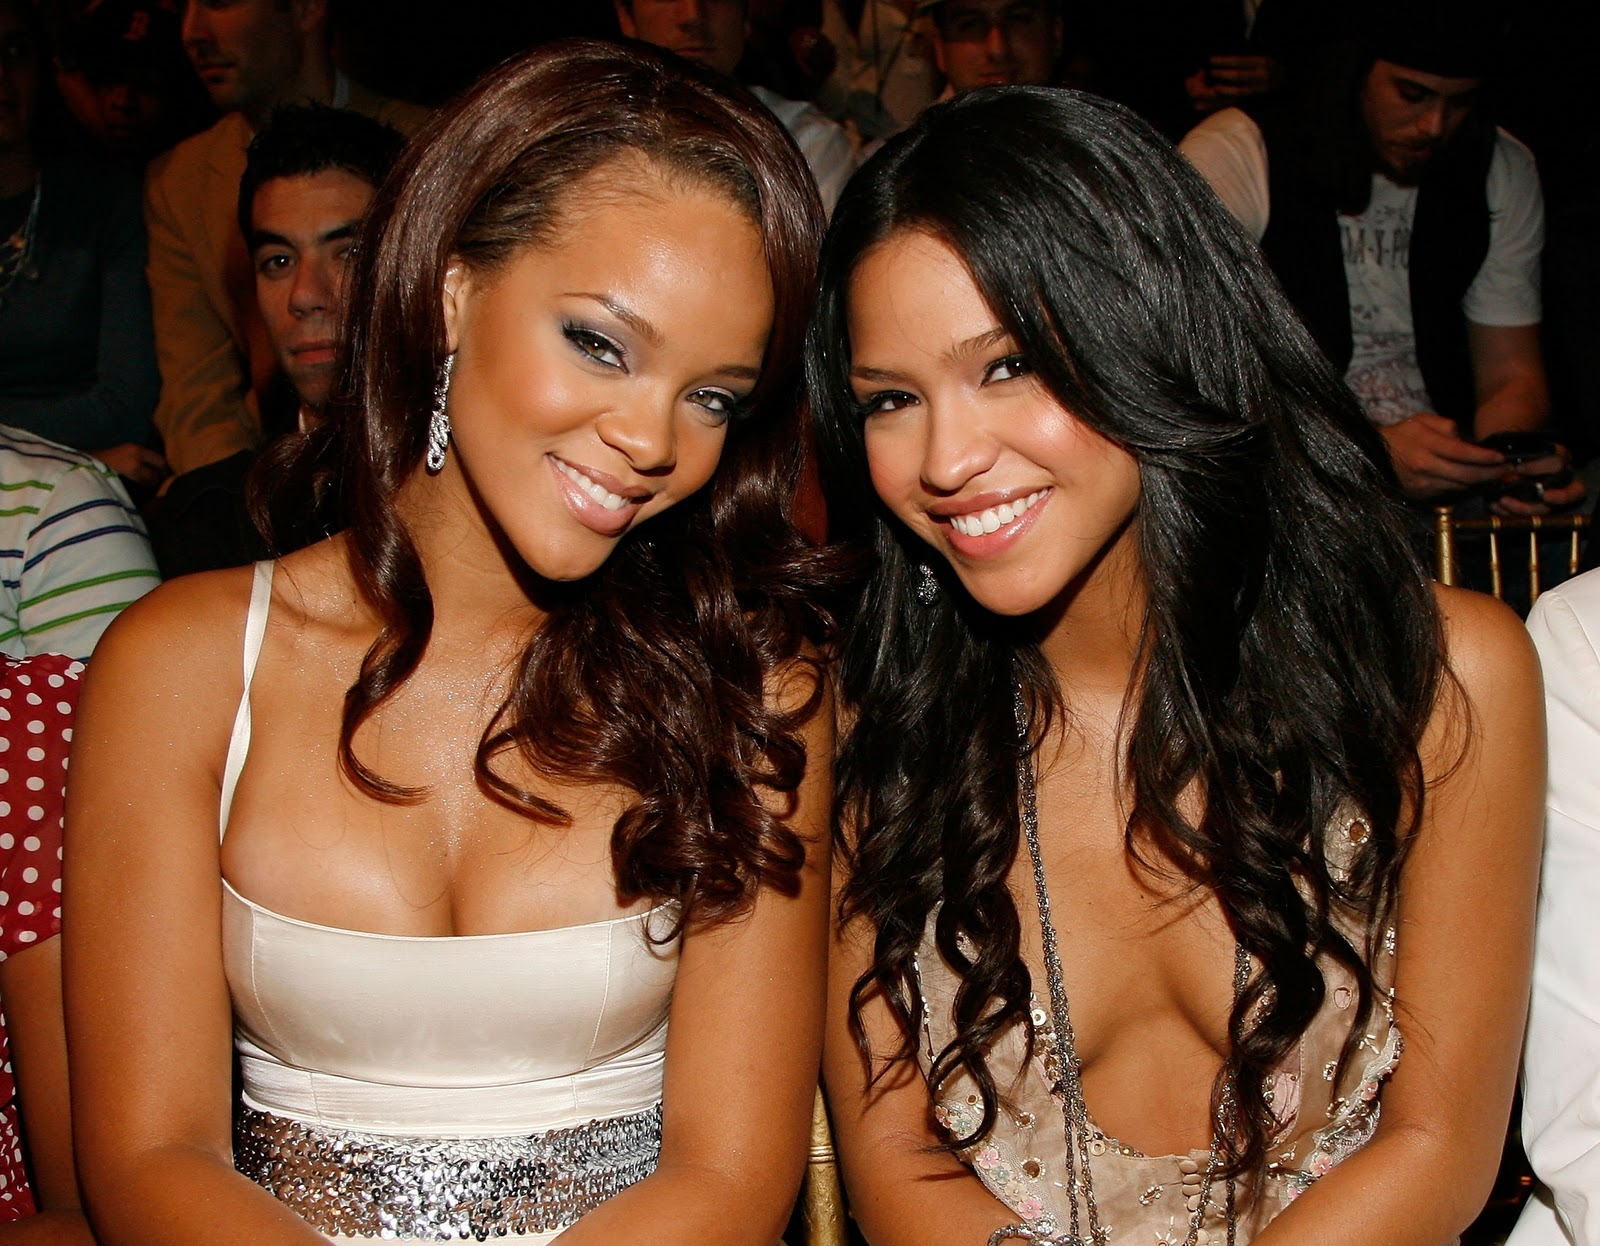 http://4.bp.blogspot.com/_k4qmQfCR1bM/TN2lRFSMFtI/AAAAAAAAAF4/nLKoJX16Rk4/s1600/Cassie+%2526+Rihanna.bmp